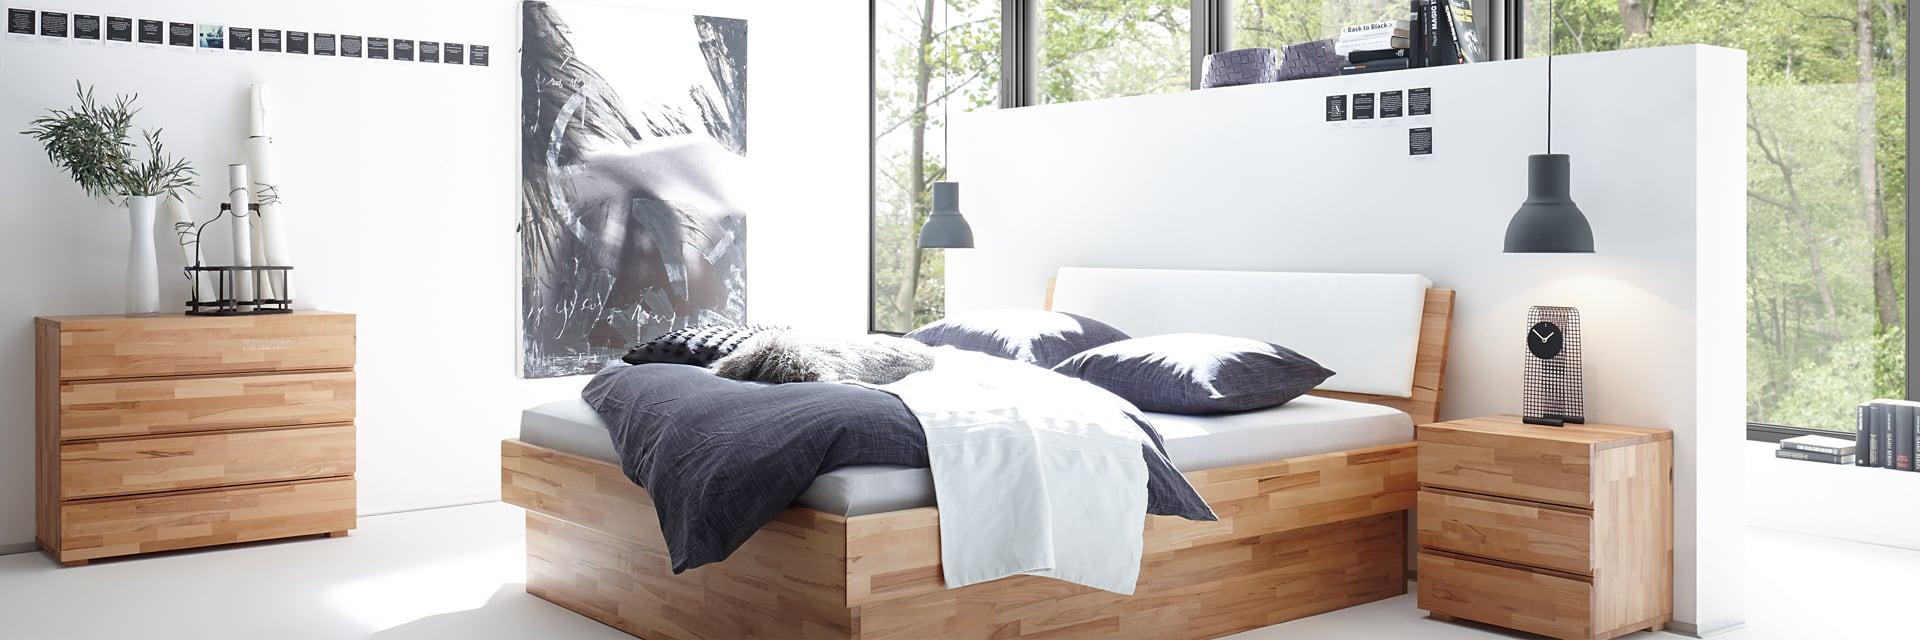 Betten Fachgeschäft | Betten Meyer Olpe & Lennestadt